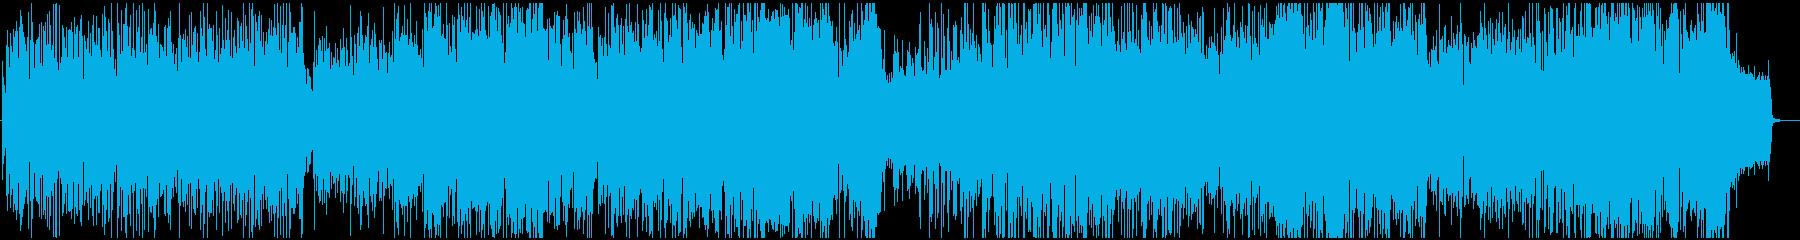 ジョーパスとローダスコット。の再生済みの波形